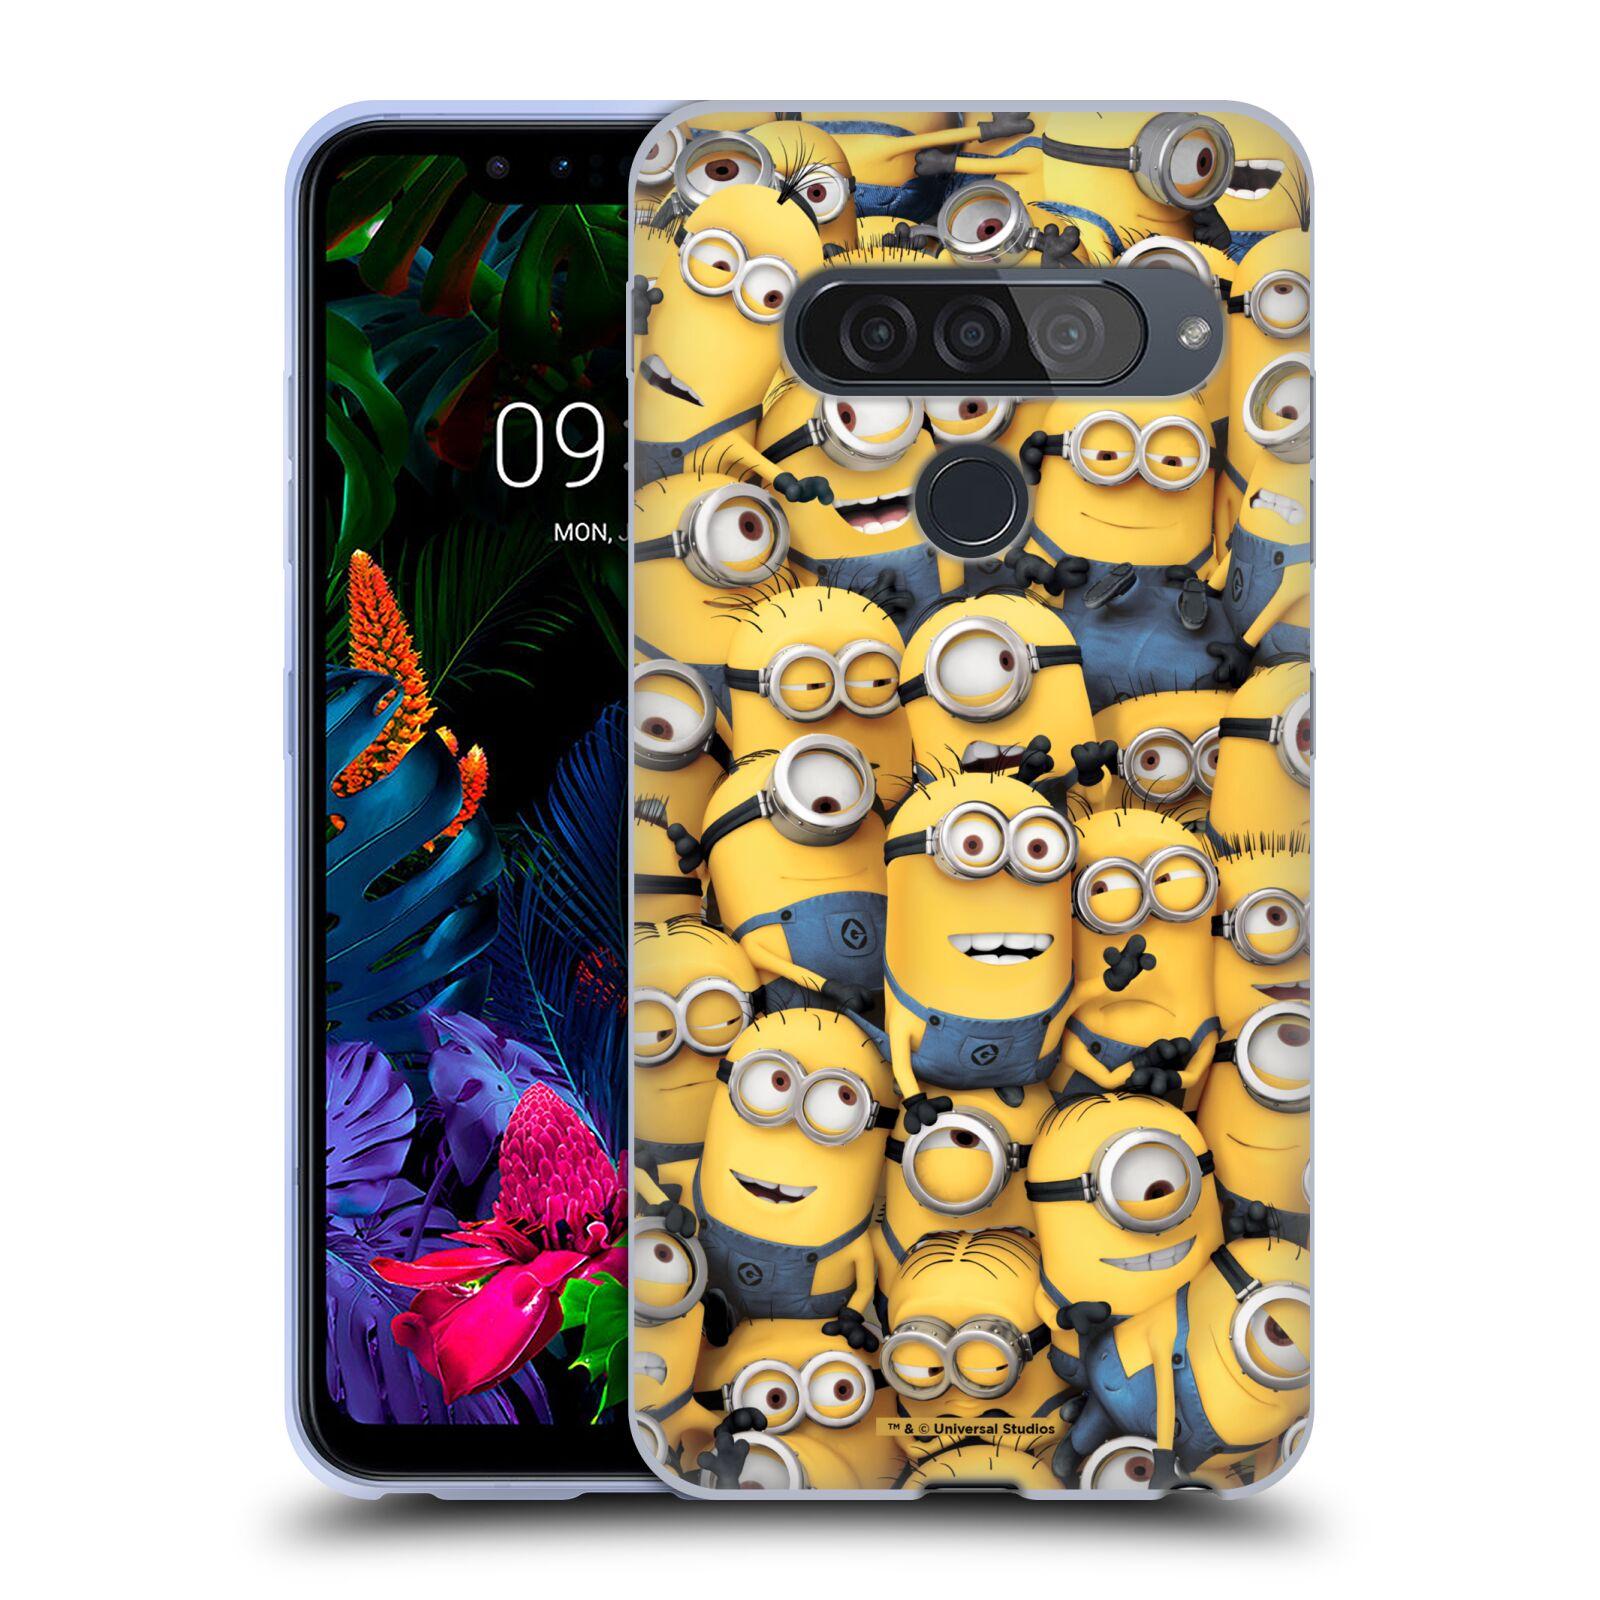 Silikonové pouzdro na mobil LG G8s ThinQ - Head Case - Mimoni všude z filmu Já, padouch - Despicable Me